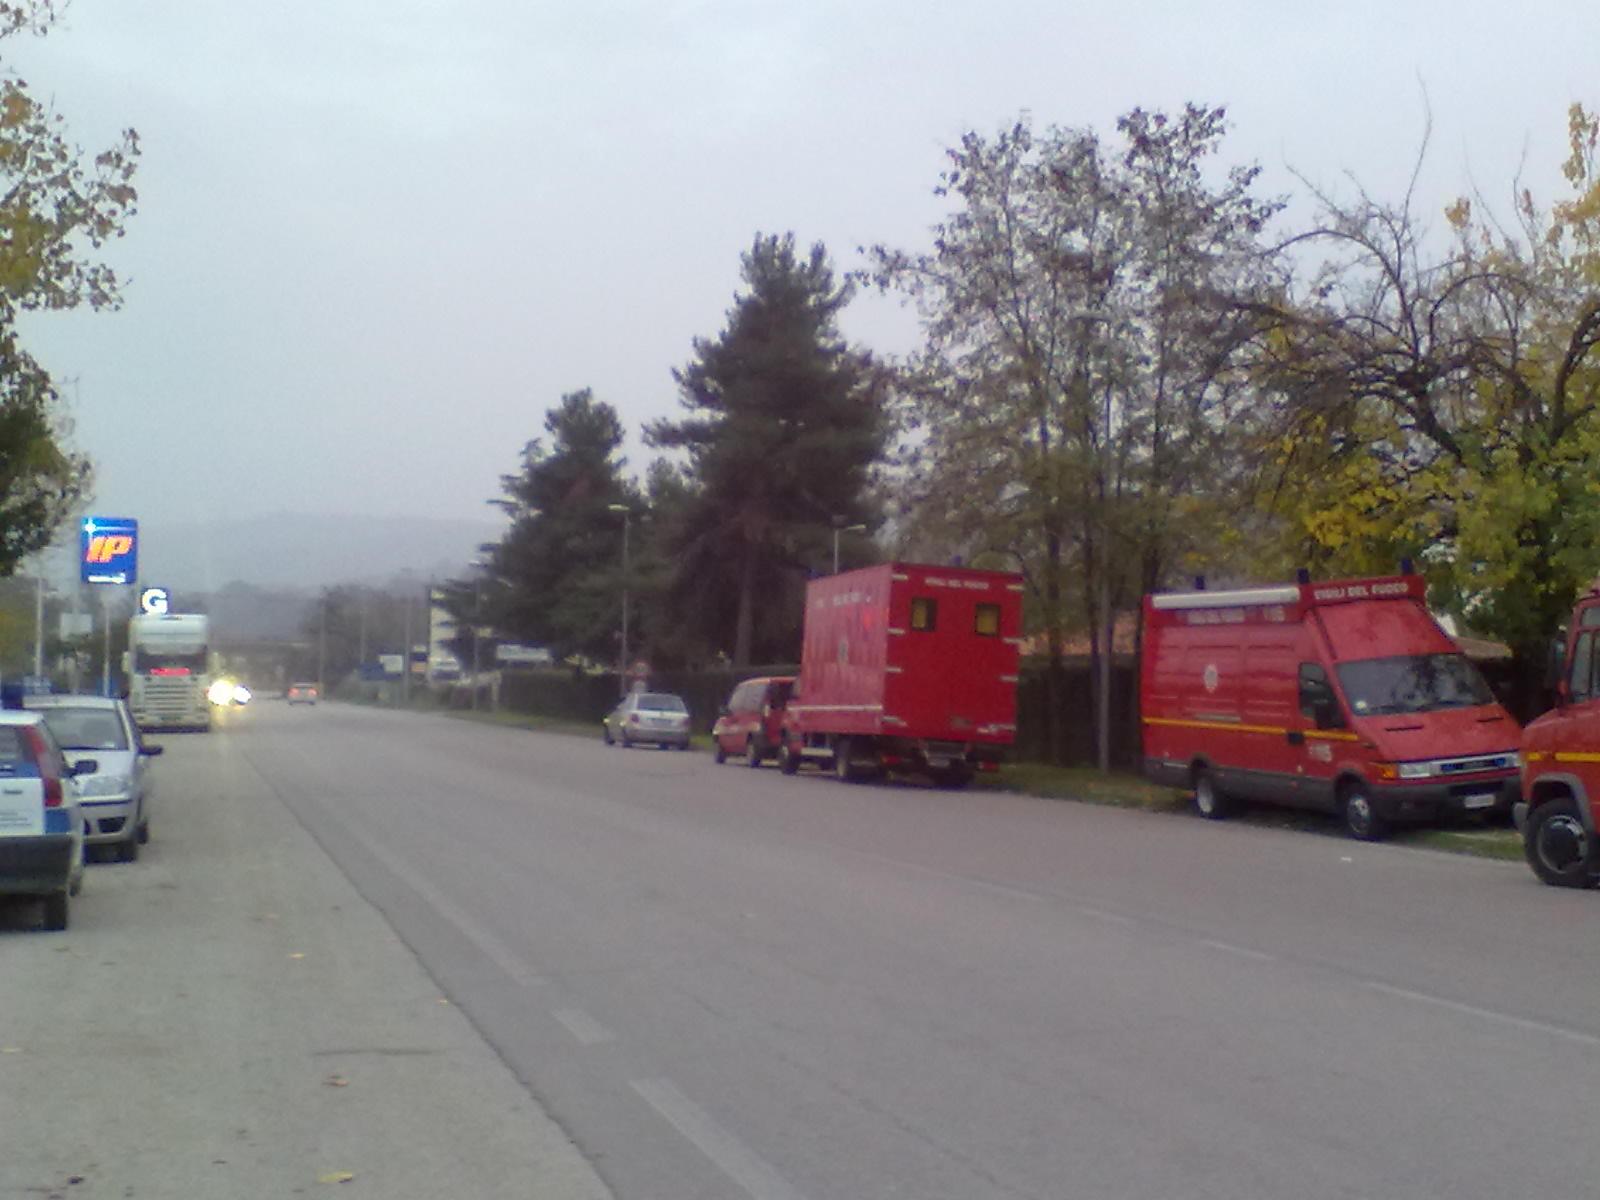 Intervento Vigili del Fuoco di Ascoli Piceno